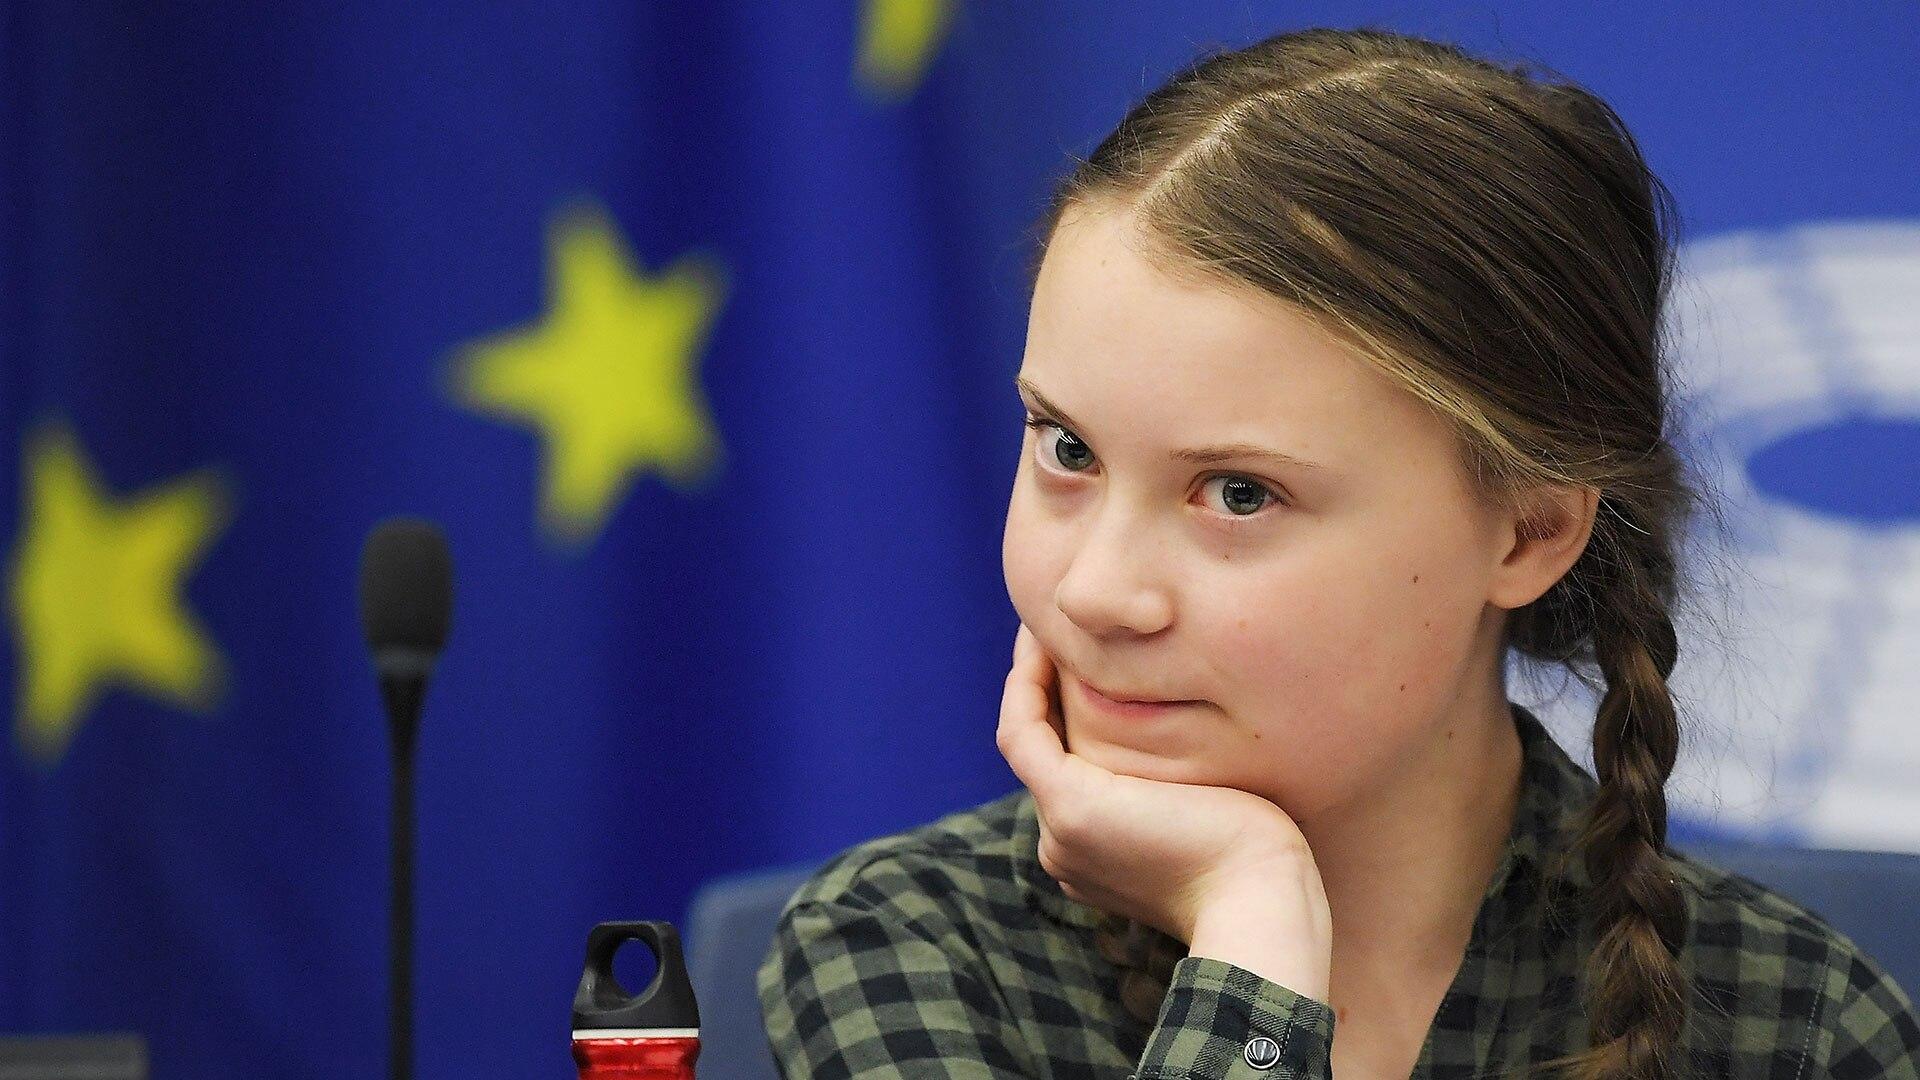 Quién es Greta Thunberg, la adolescente que movilizó al mundo ...